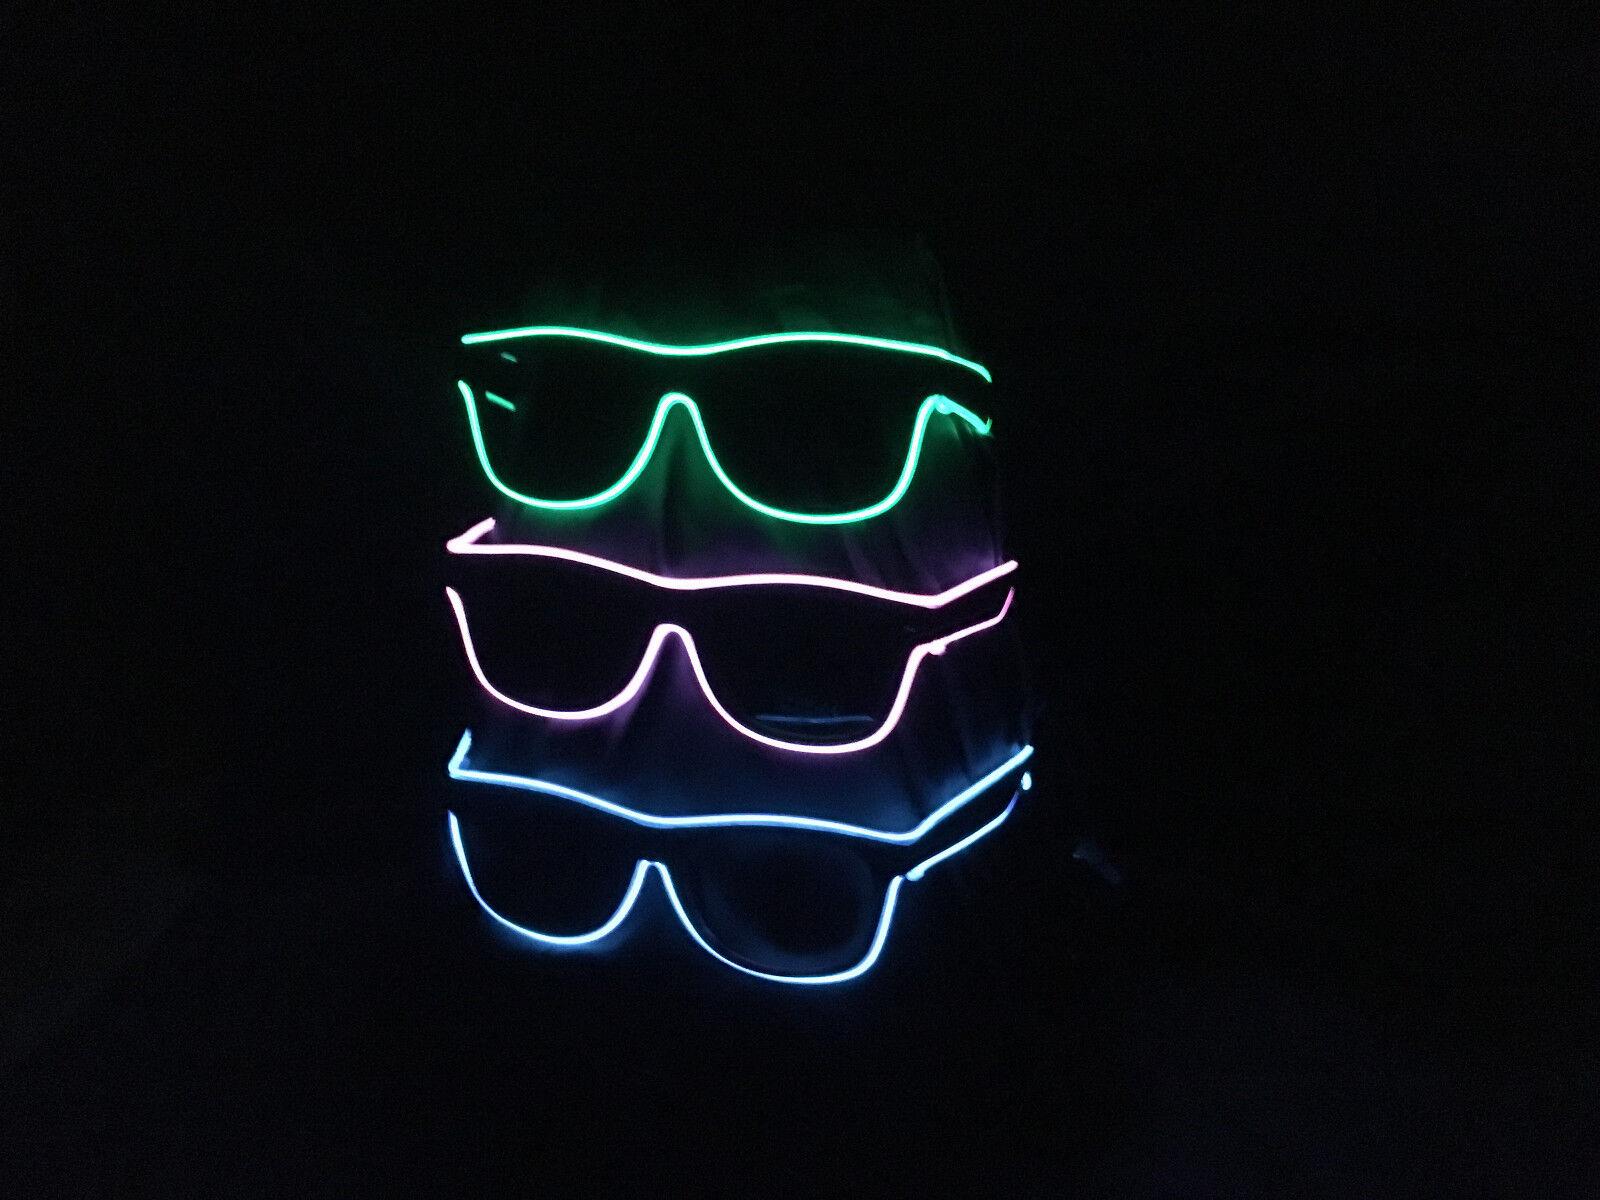 Leuchtbrille Dunkle Gläser Blinkbrille LED Brille Neon Party Fun Sonnenbrille